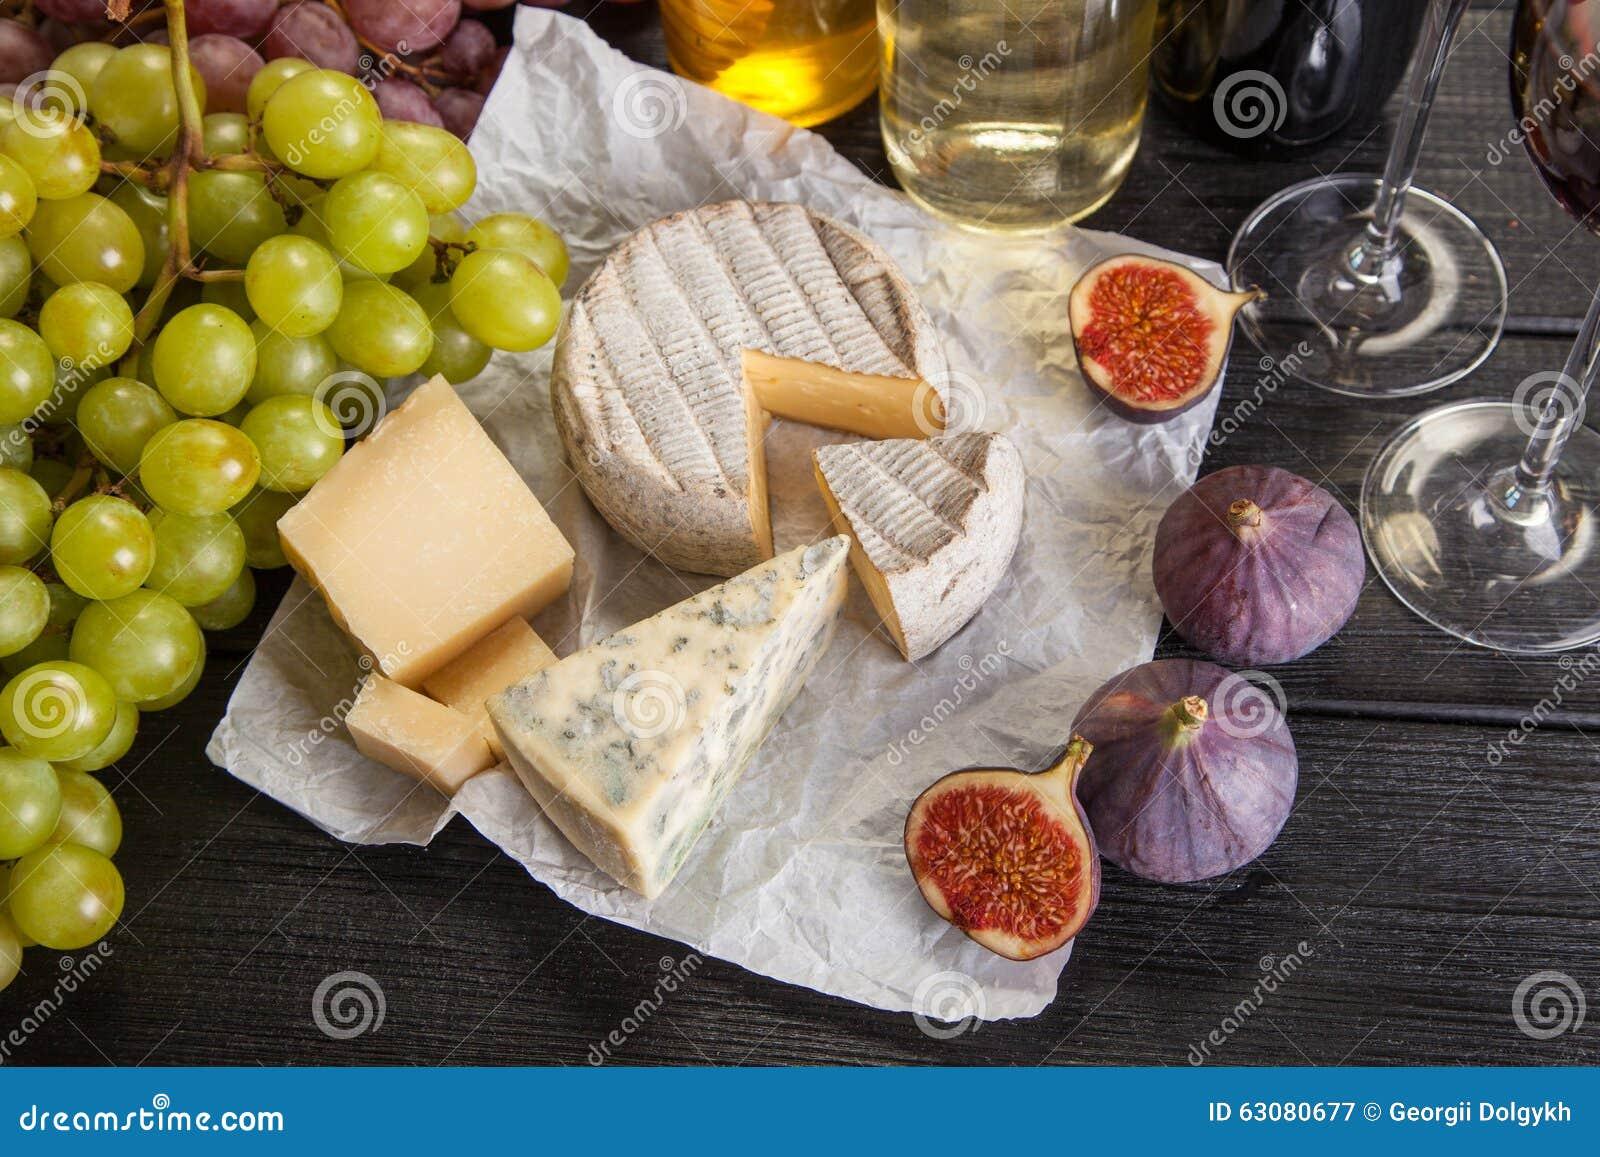 Download Vin et fromage image stock. Image du boisson, fruit, cuisine - 63080677